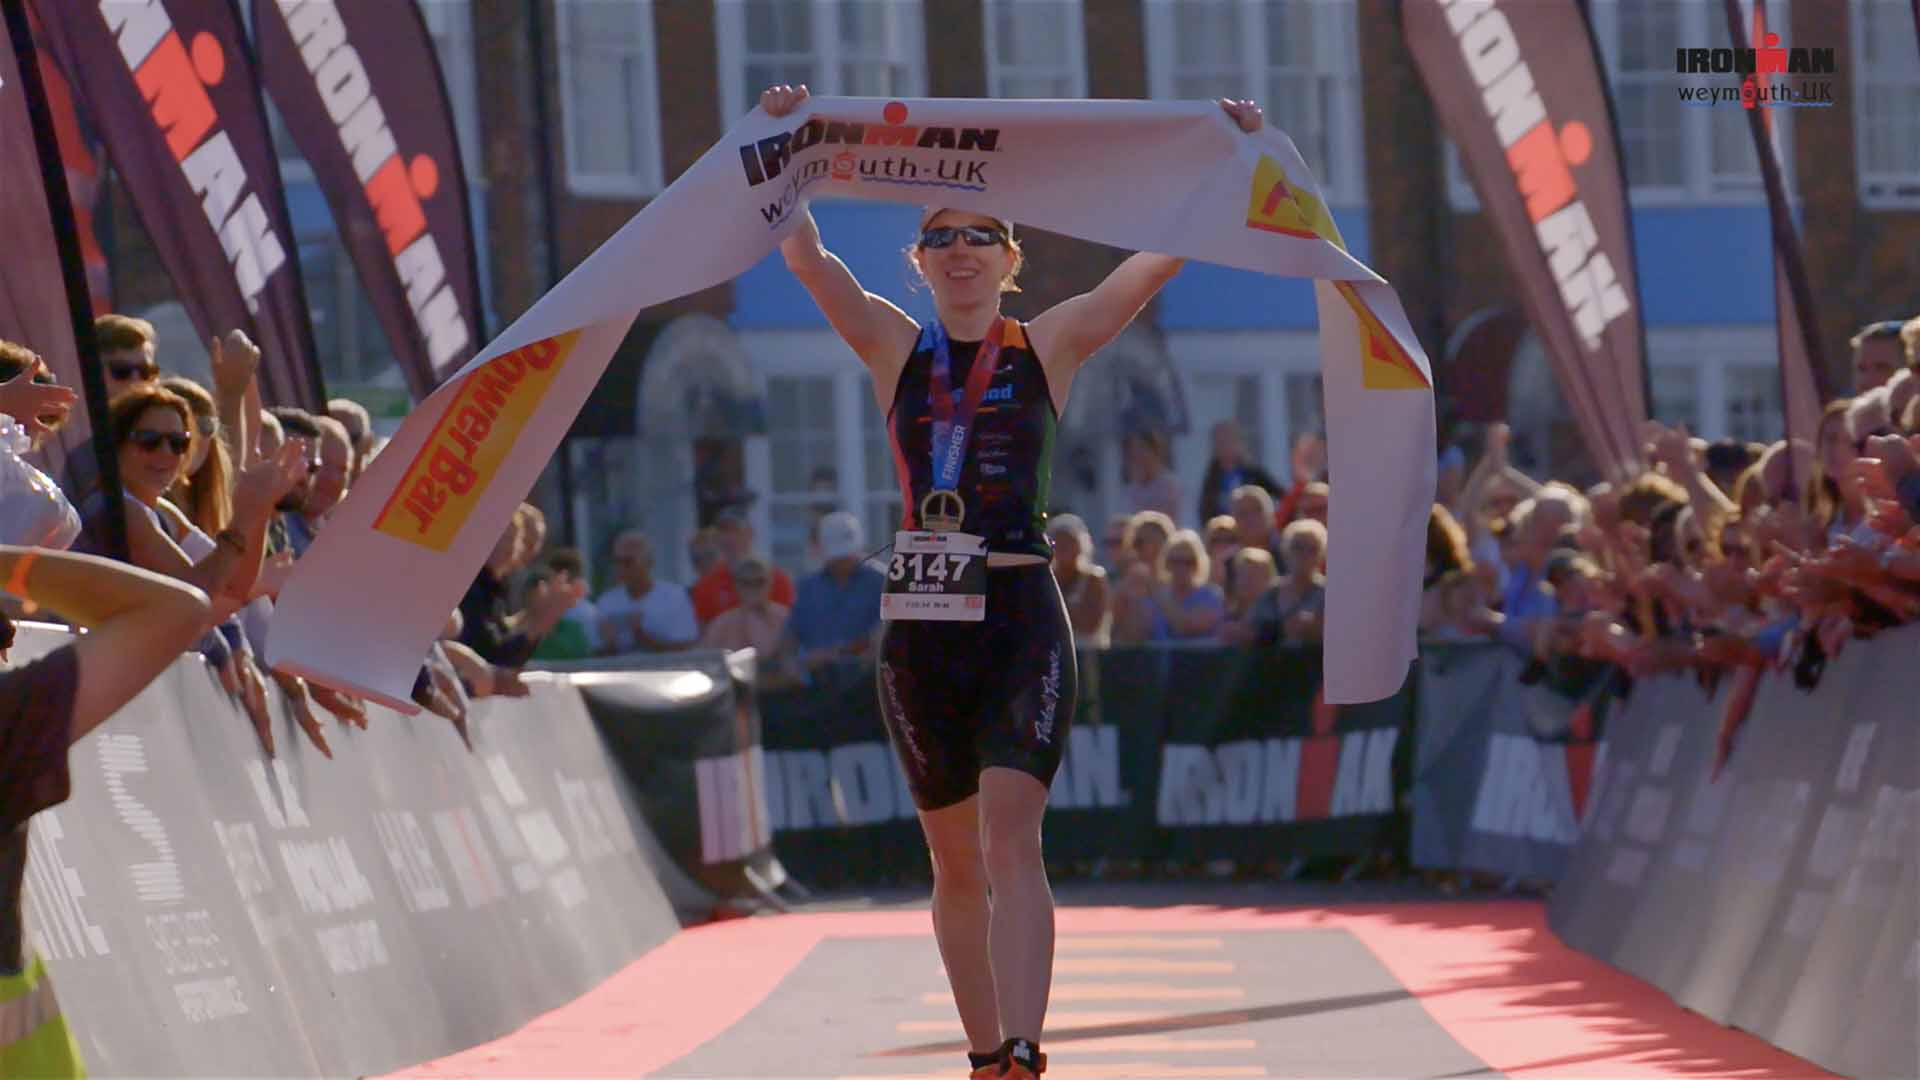 Ironman – Weymouth Promo